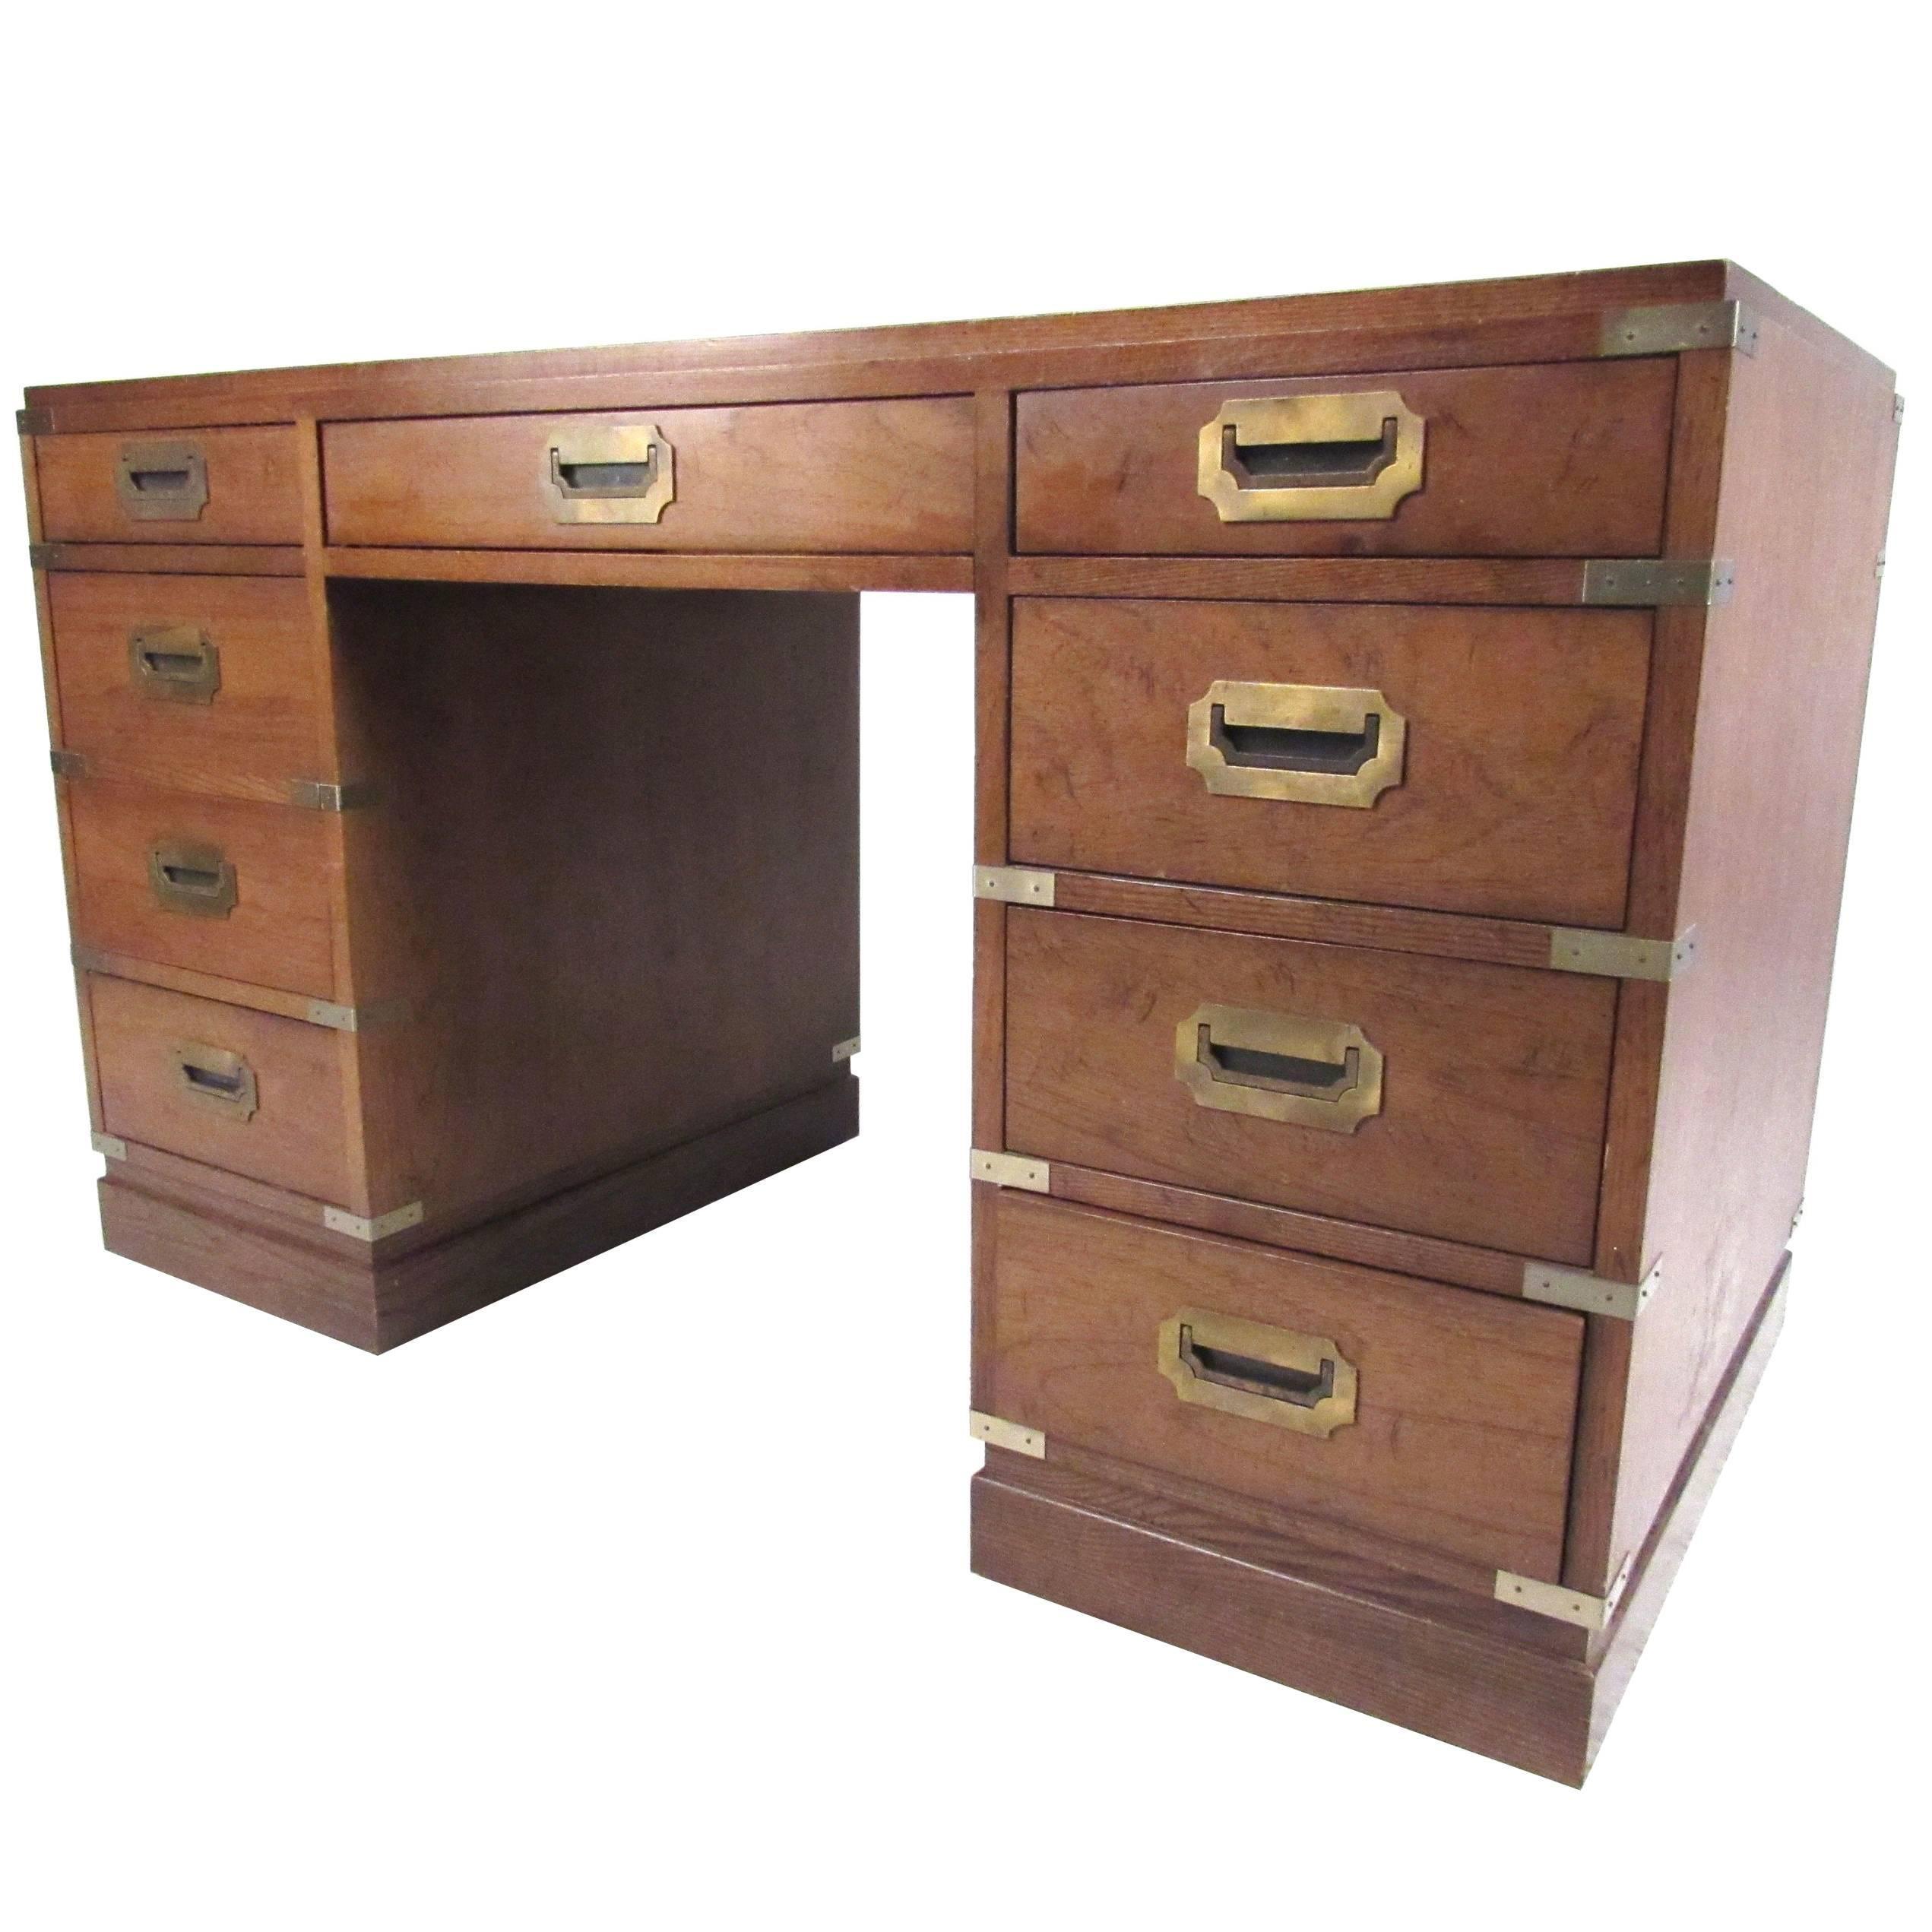 Vintage Campaign Desk By Sligh For Sale